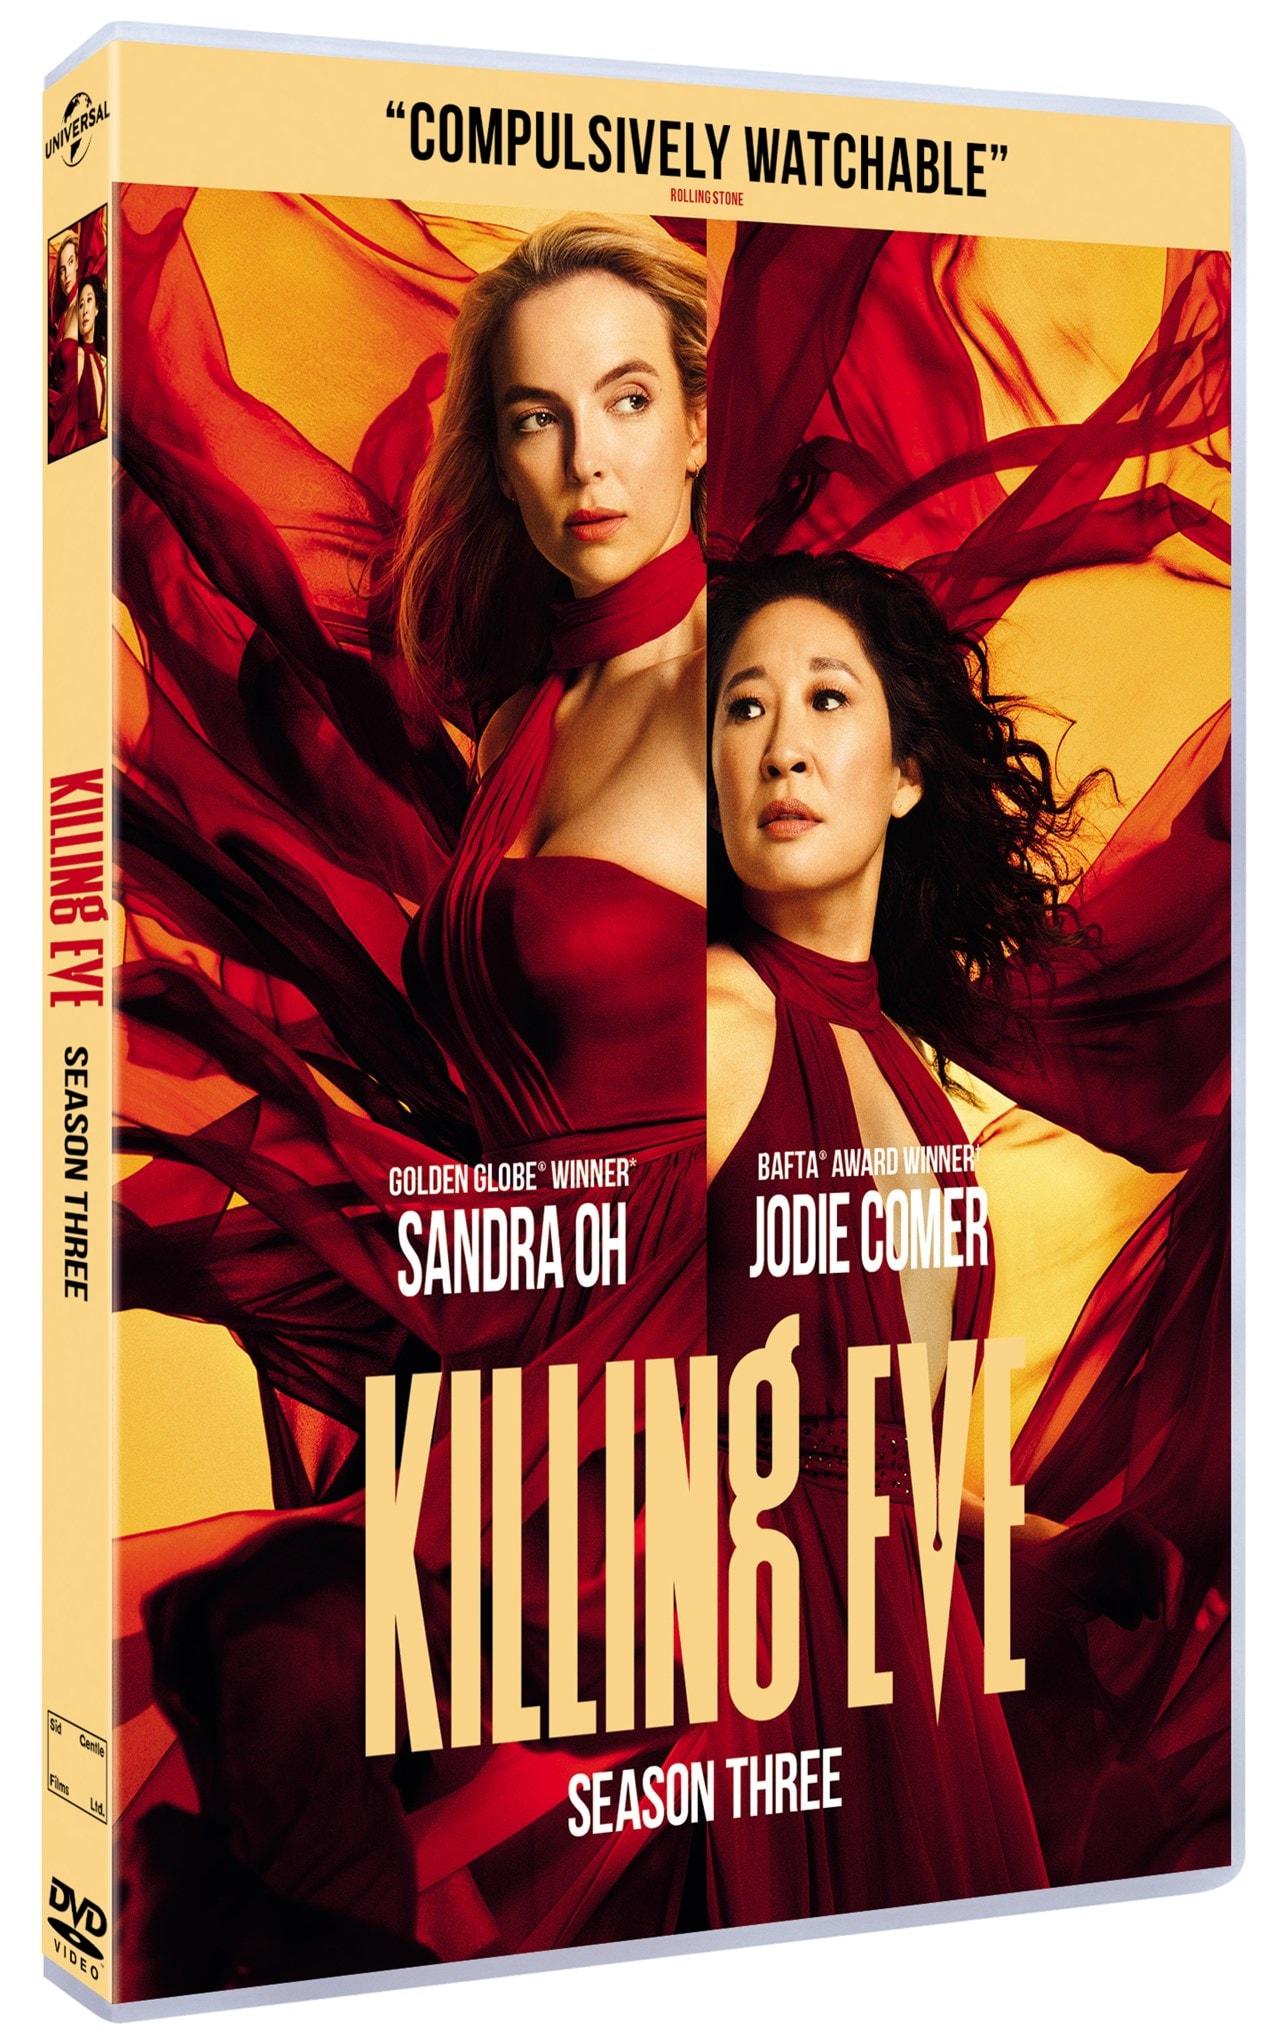 Killing Eve: Season Three - 2